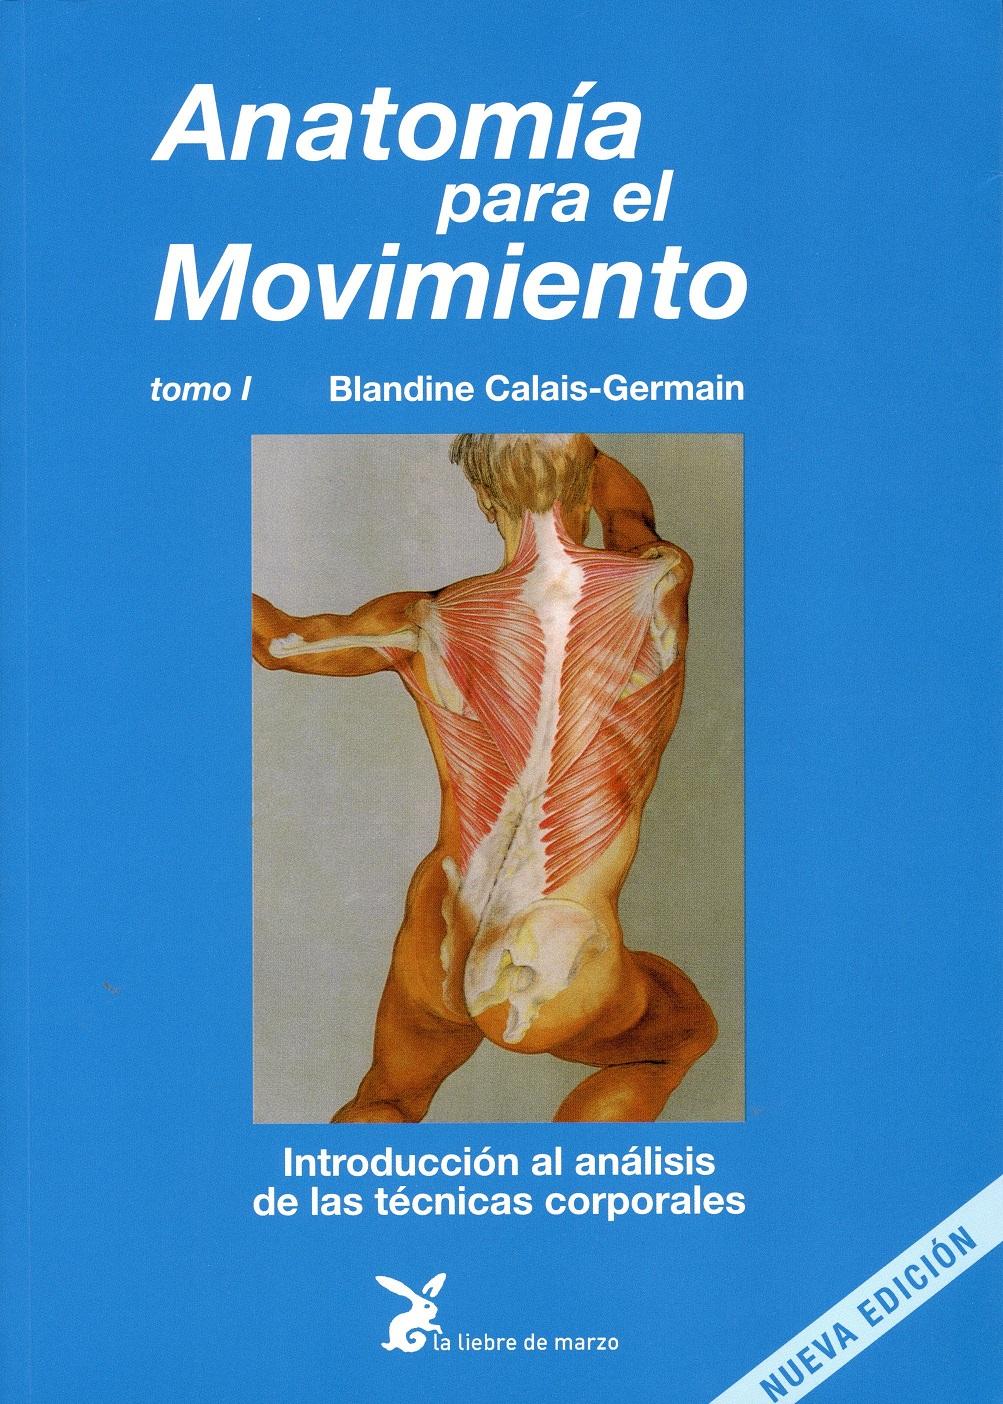 Anatomía para el movimiento (Tomo I) - Fisioteca